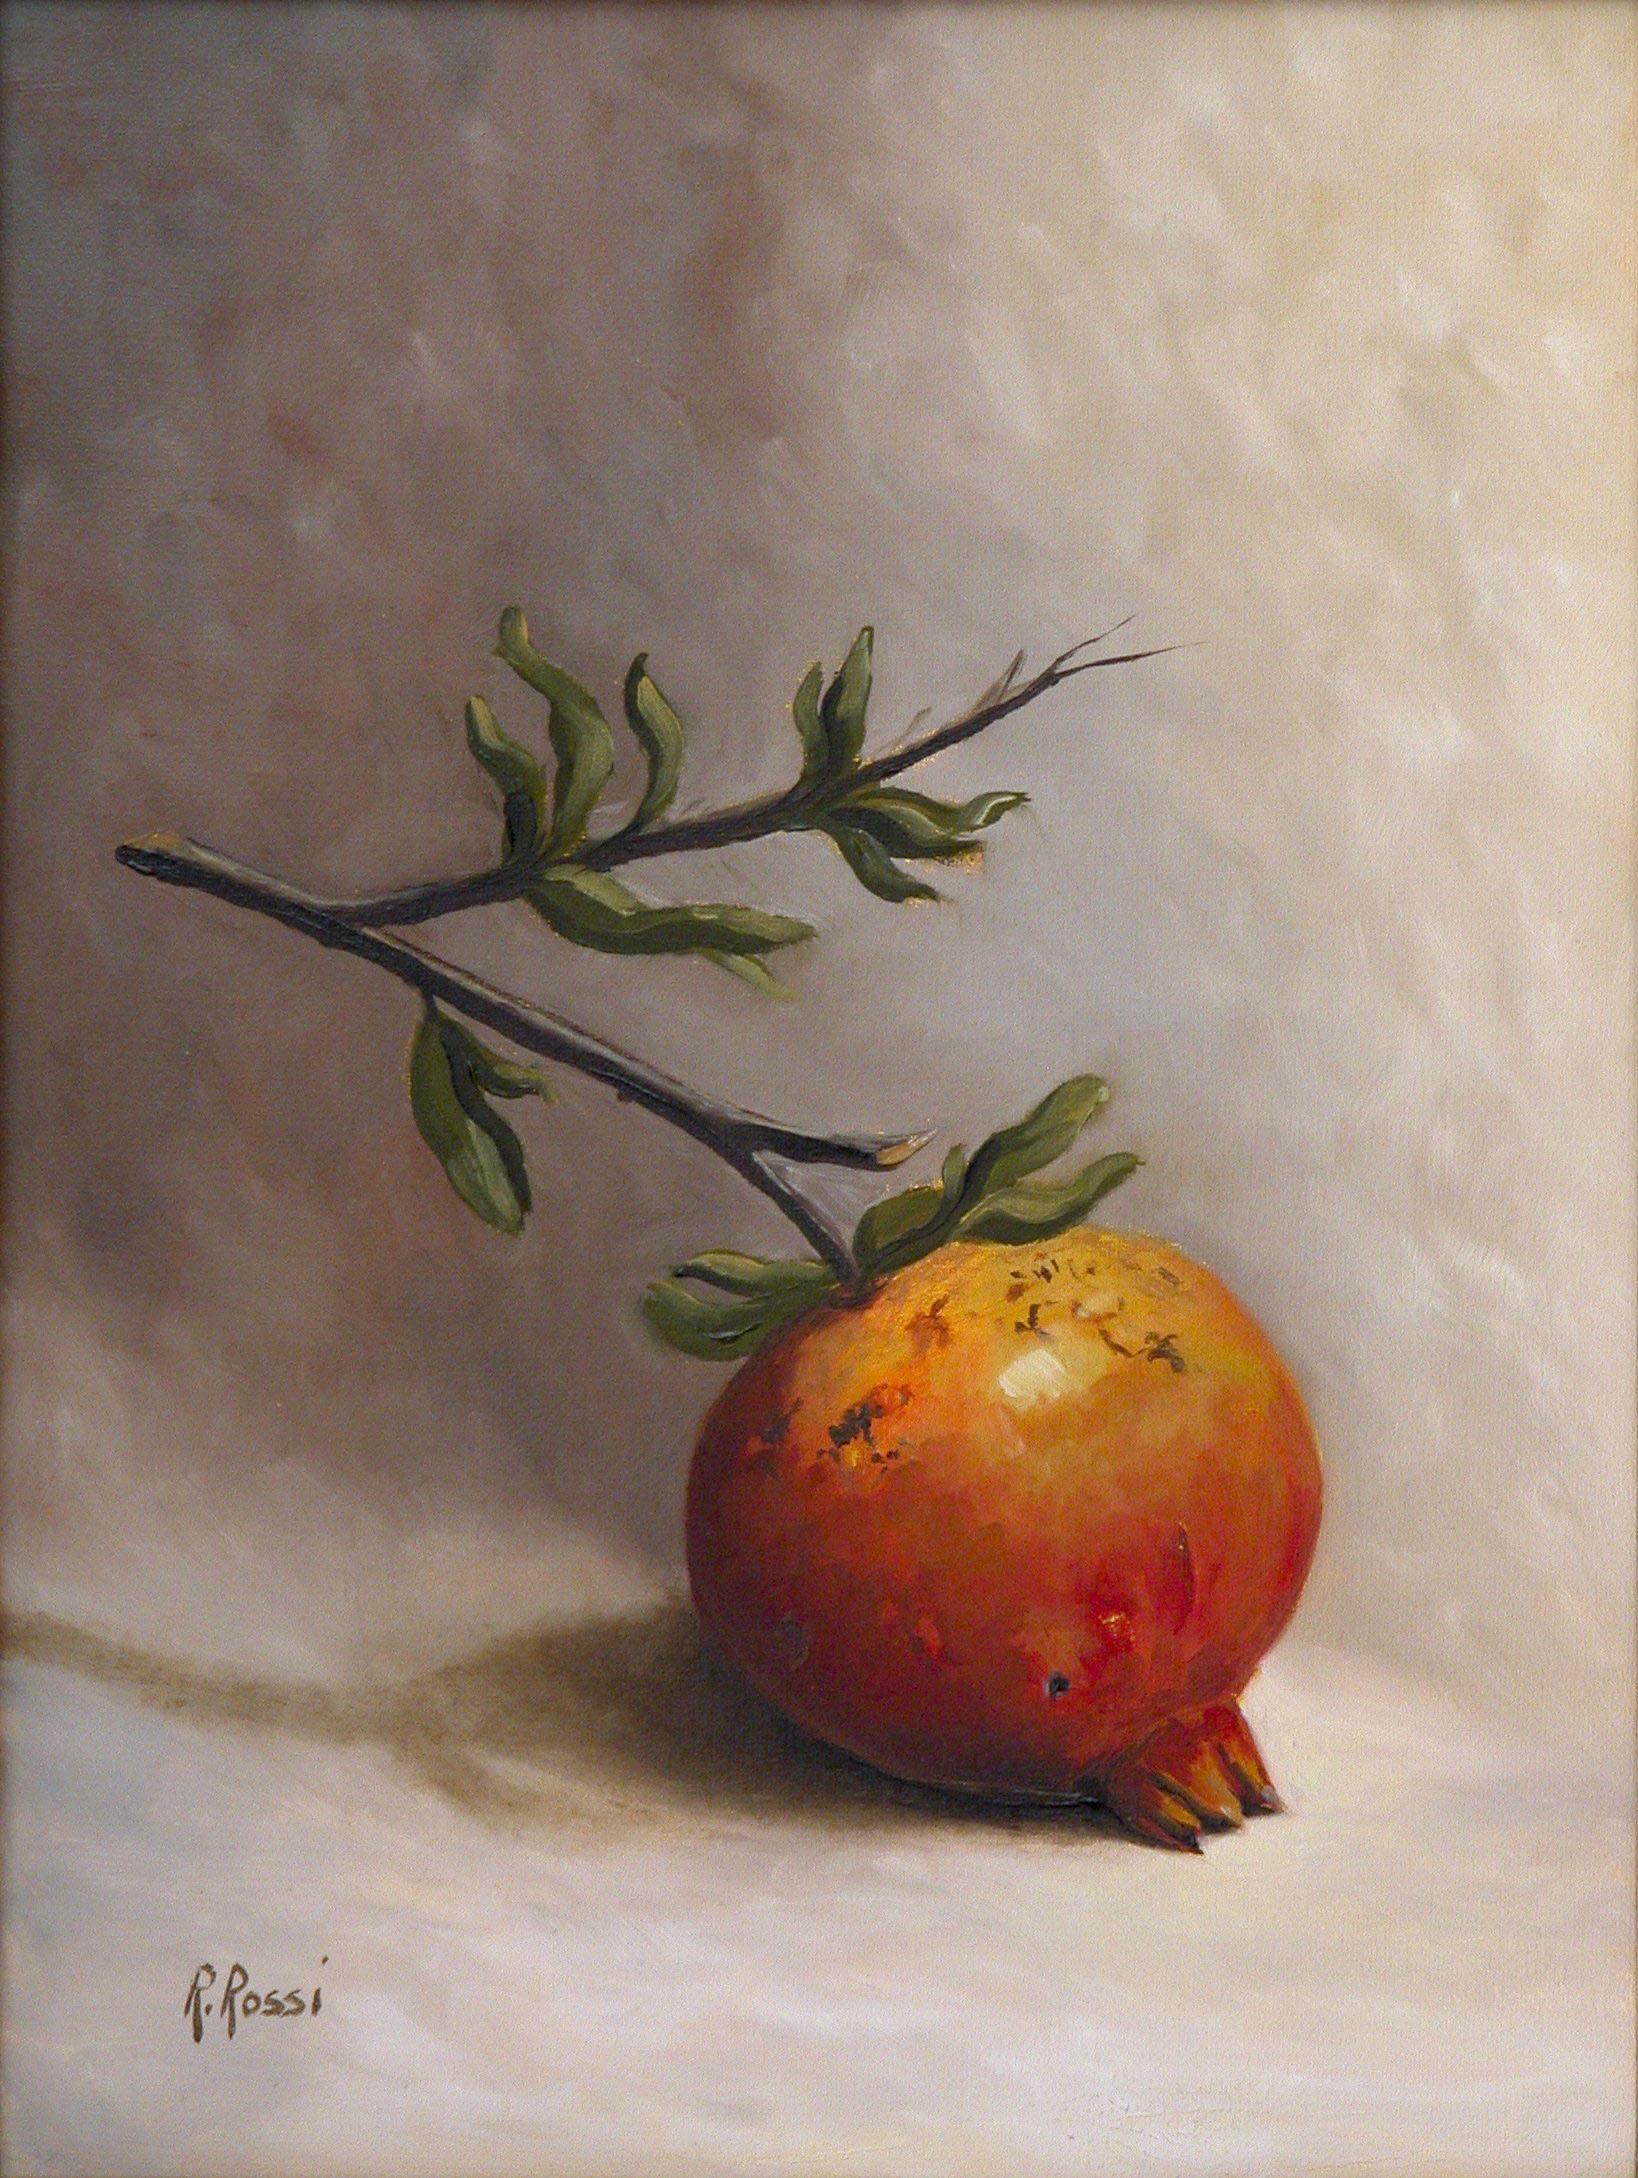 2008 roberta rossi - Piccolo Melograno 2 - olio su tela - 24 x 18